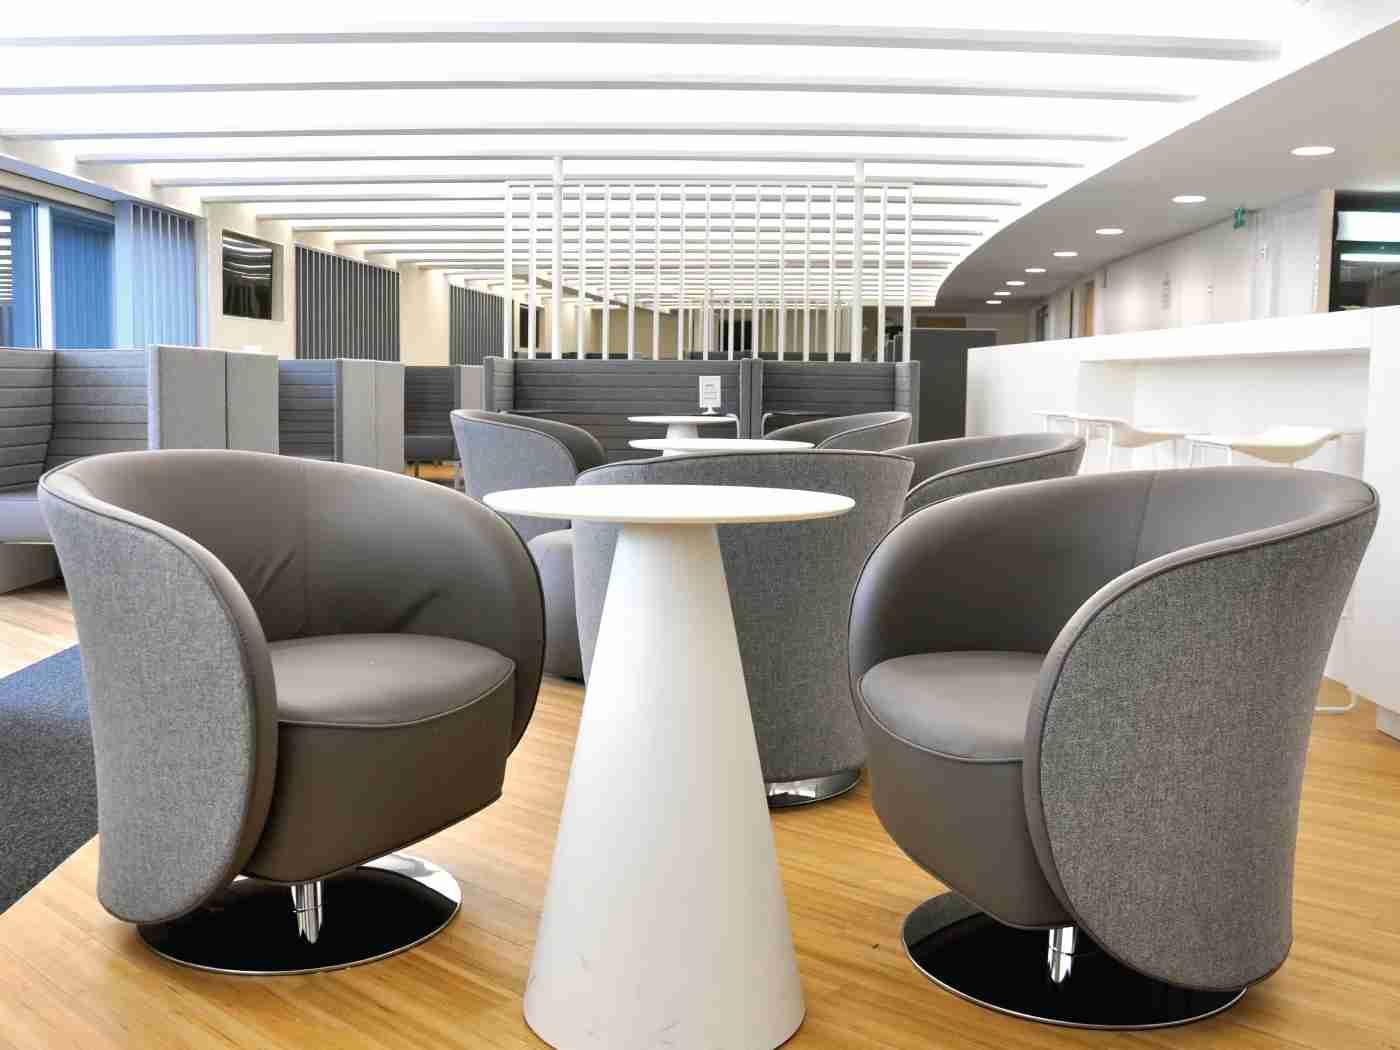 (Photo courtesy of Plaza Premium Lounge)